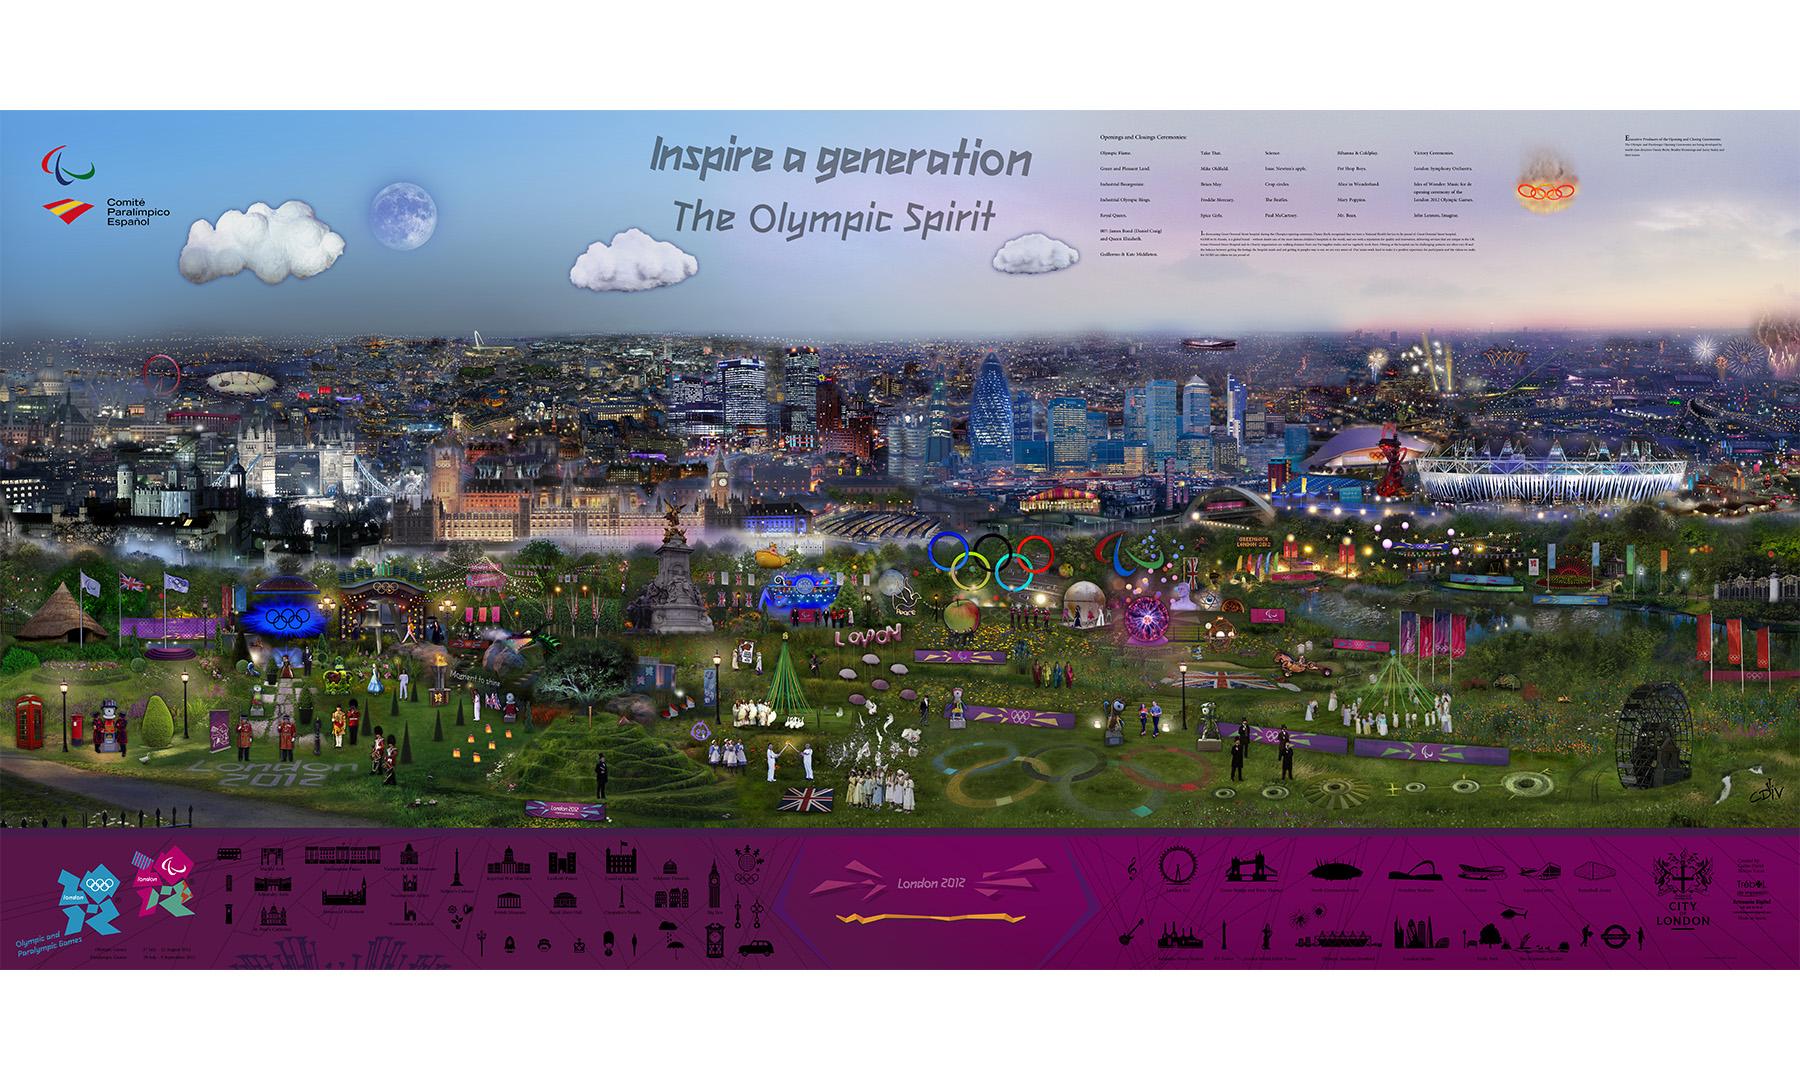 Carlos_David_Illescas_0004_Copia de El Esplendor Ol°mpico de Londres JPG en alta calidad